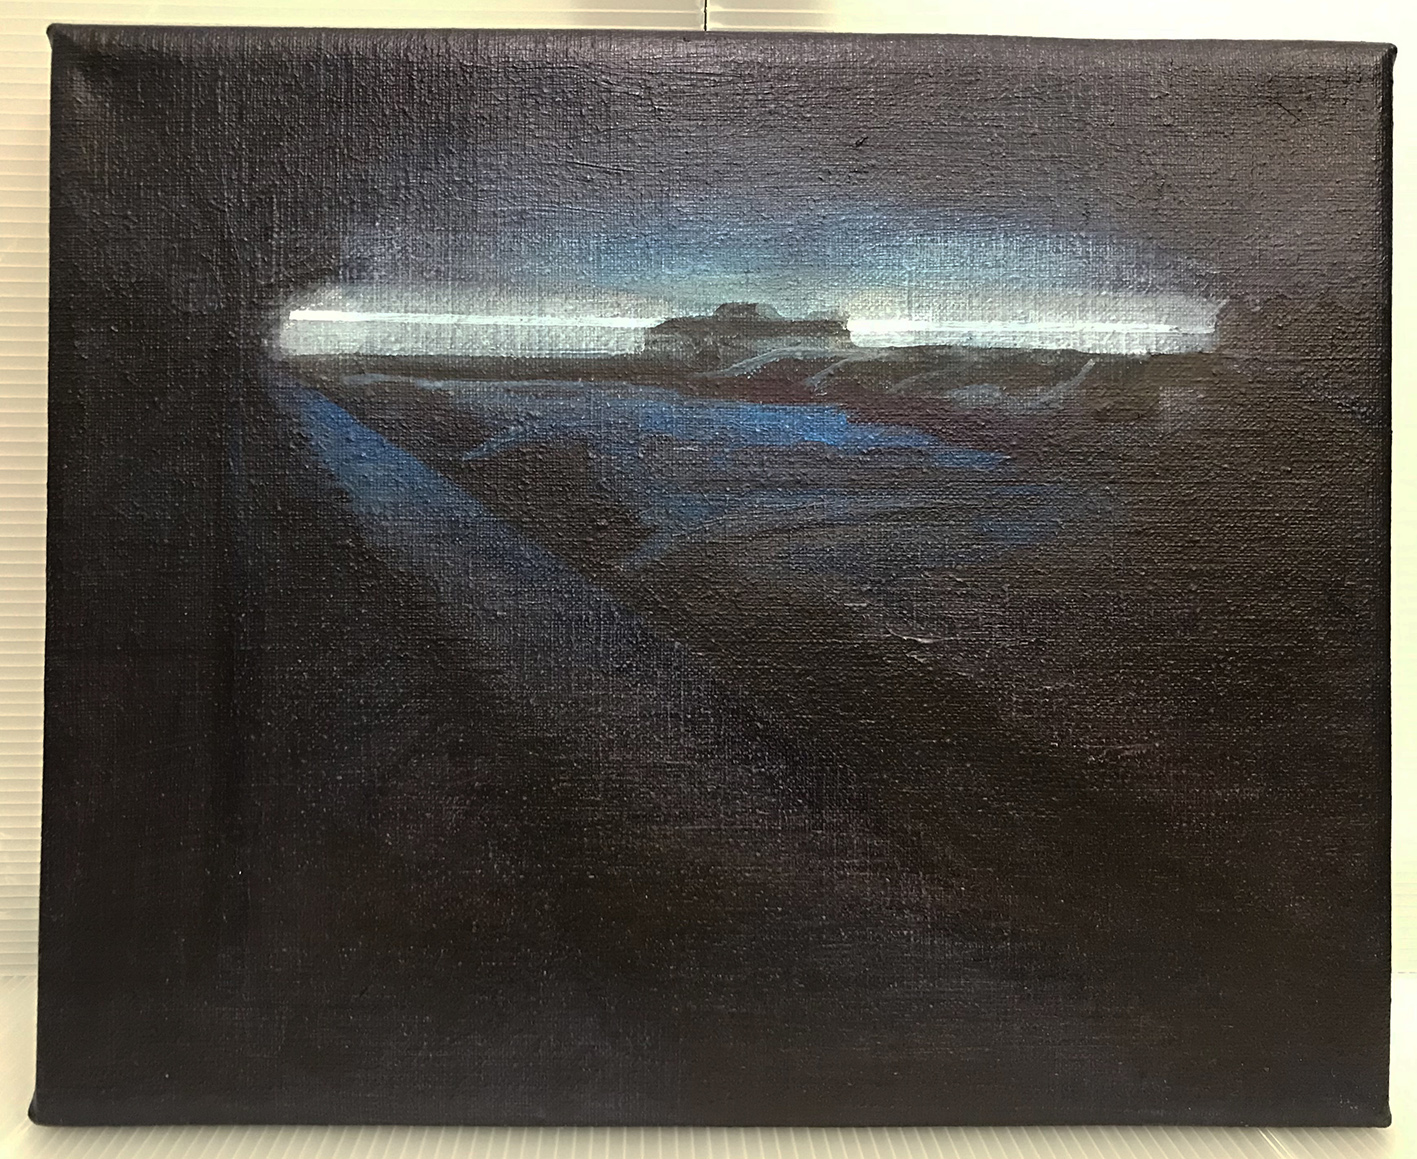 Vincent Land Gogh 5 (22x27cm) 2020